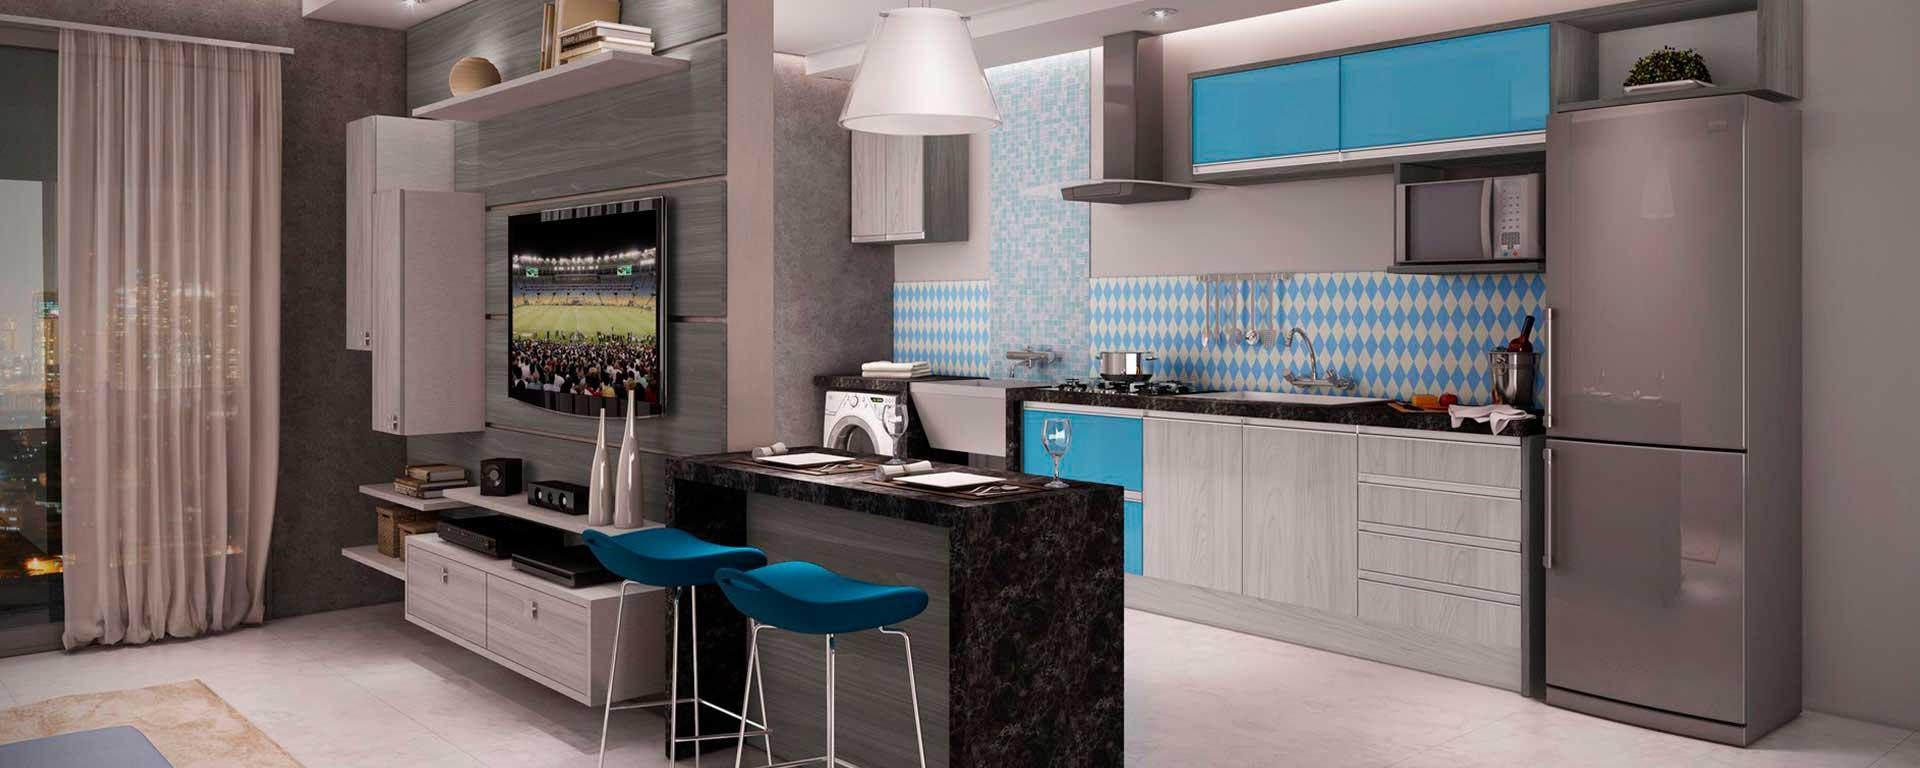 Ремонт кухни 7 кв. метров